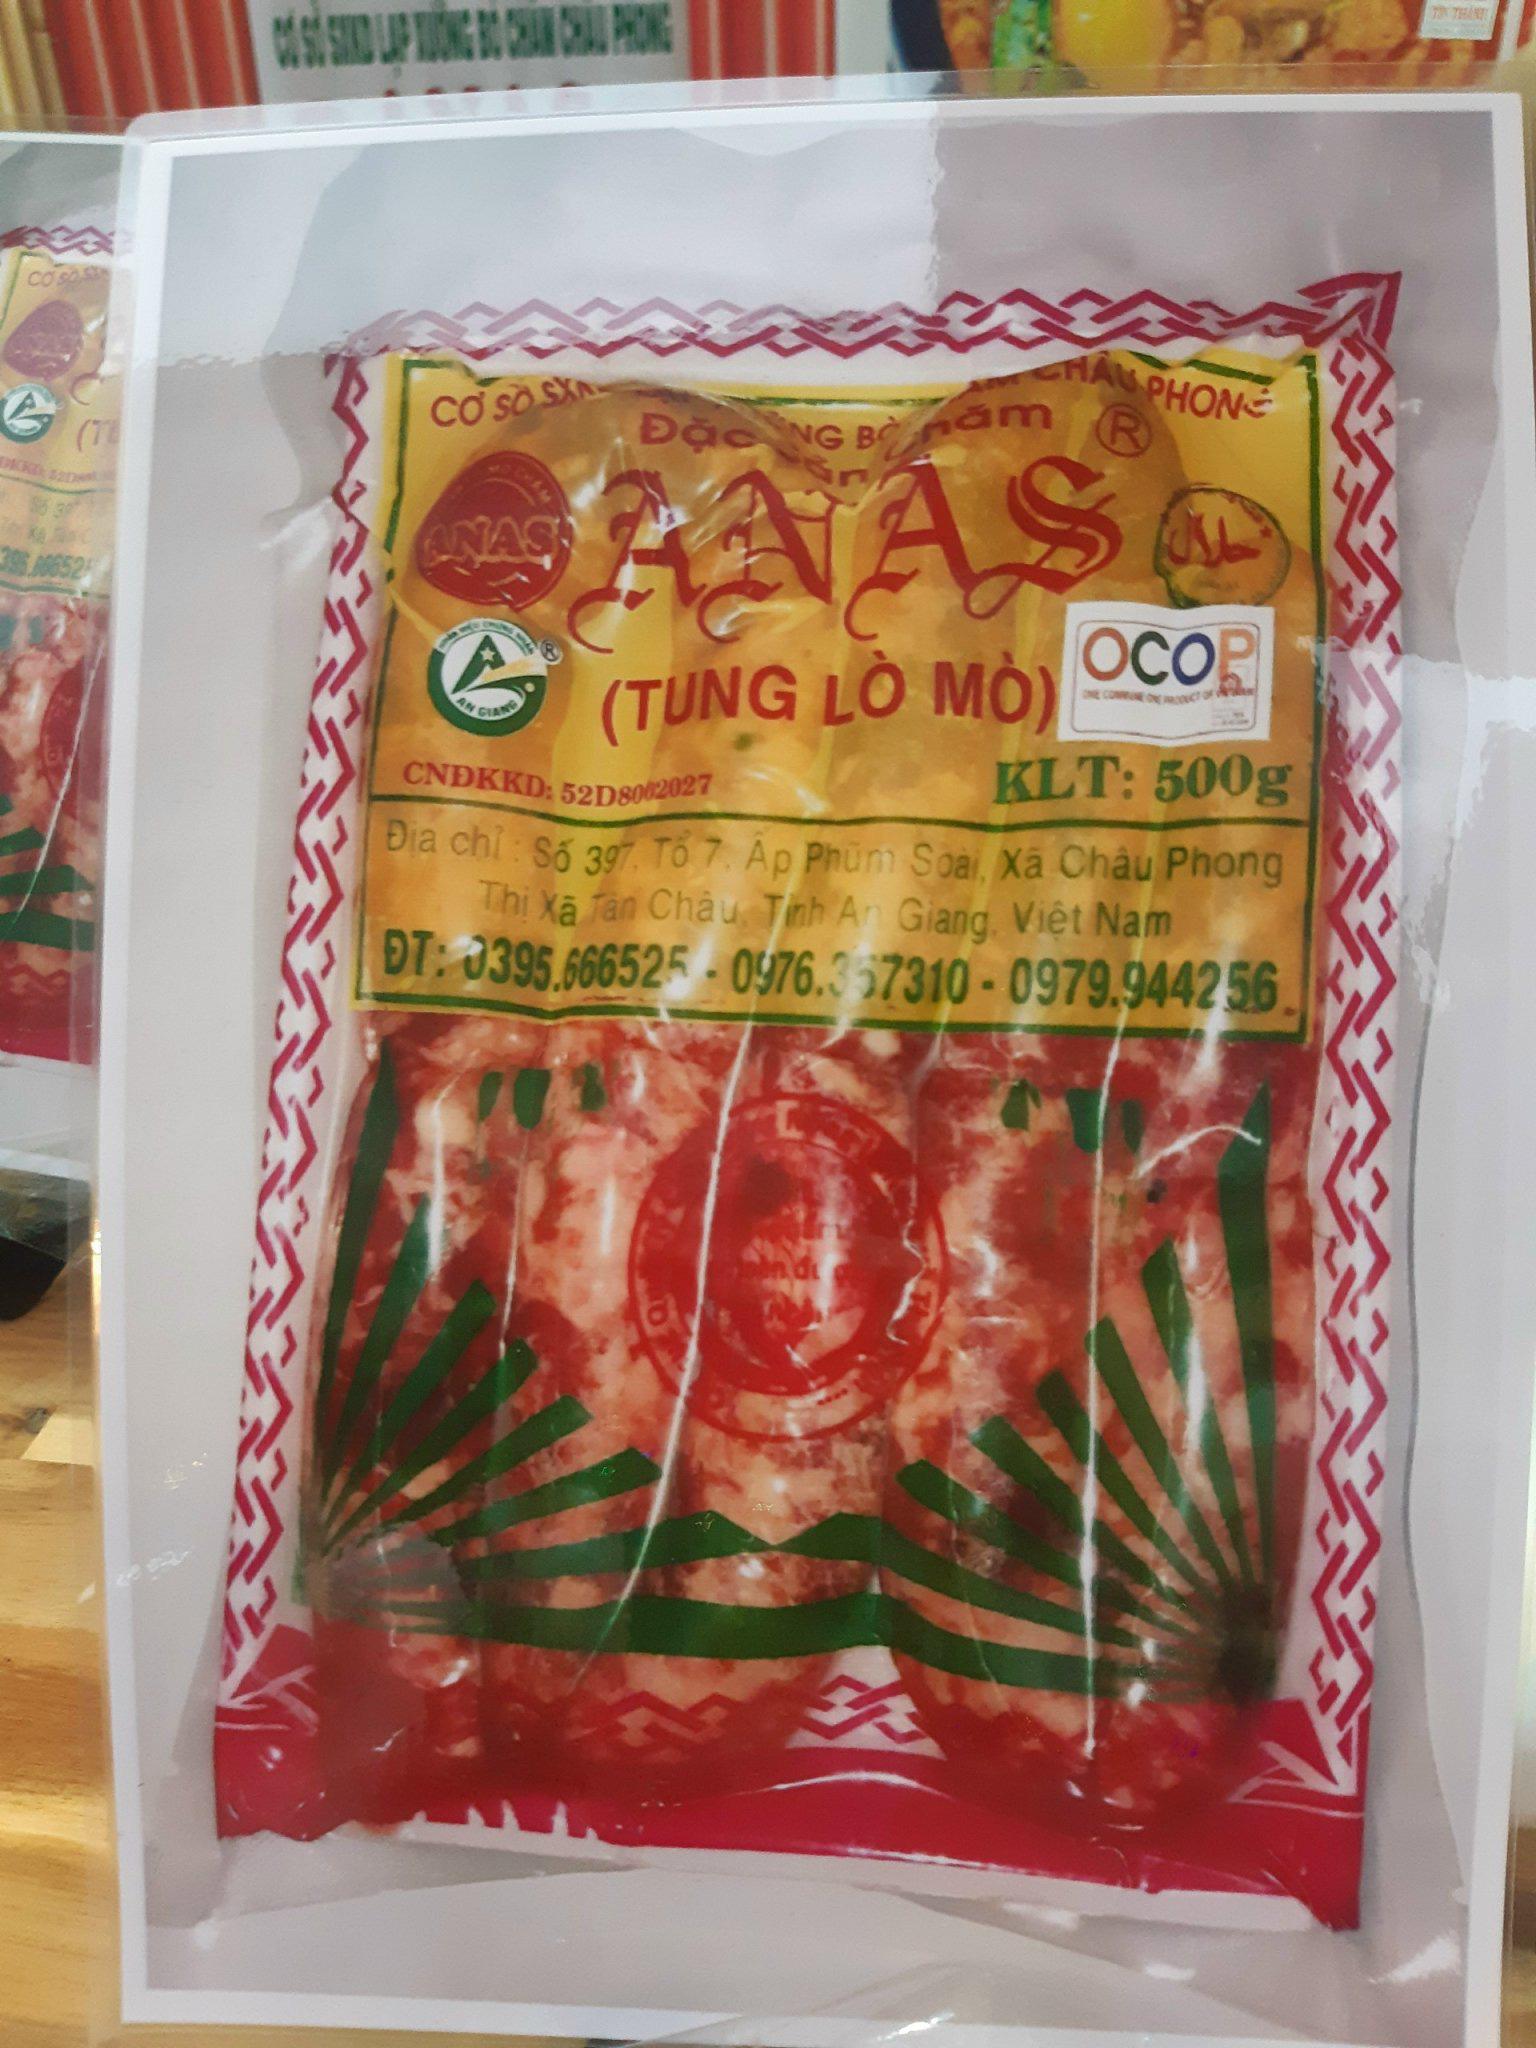 Tung lò mò là món gì mà được An Giang bình chọn là 1 trong 6 sản phẩm OCOP đầu tiên của tỉnh - Ảnh 2.